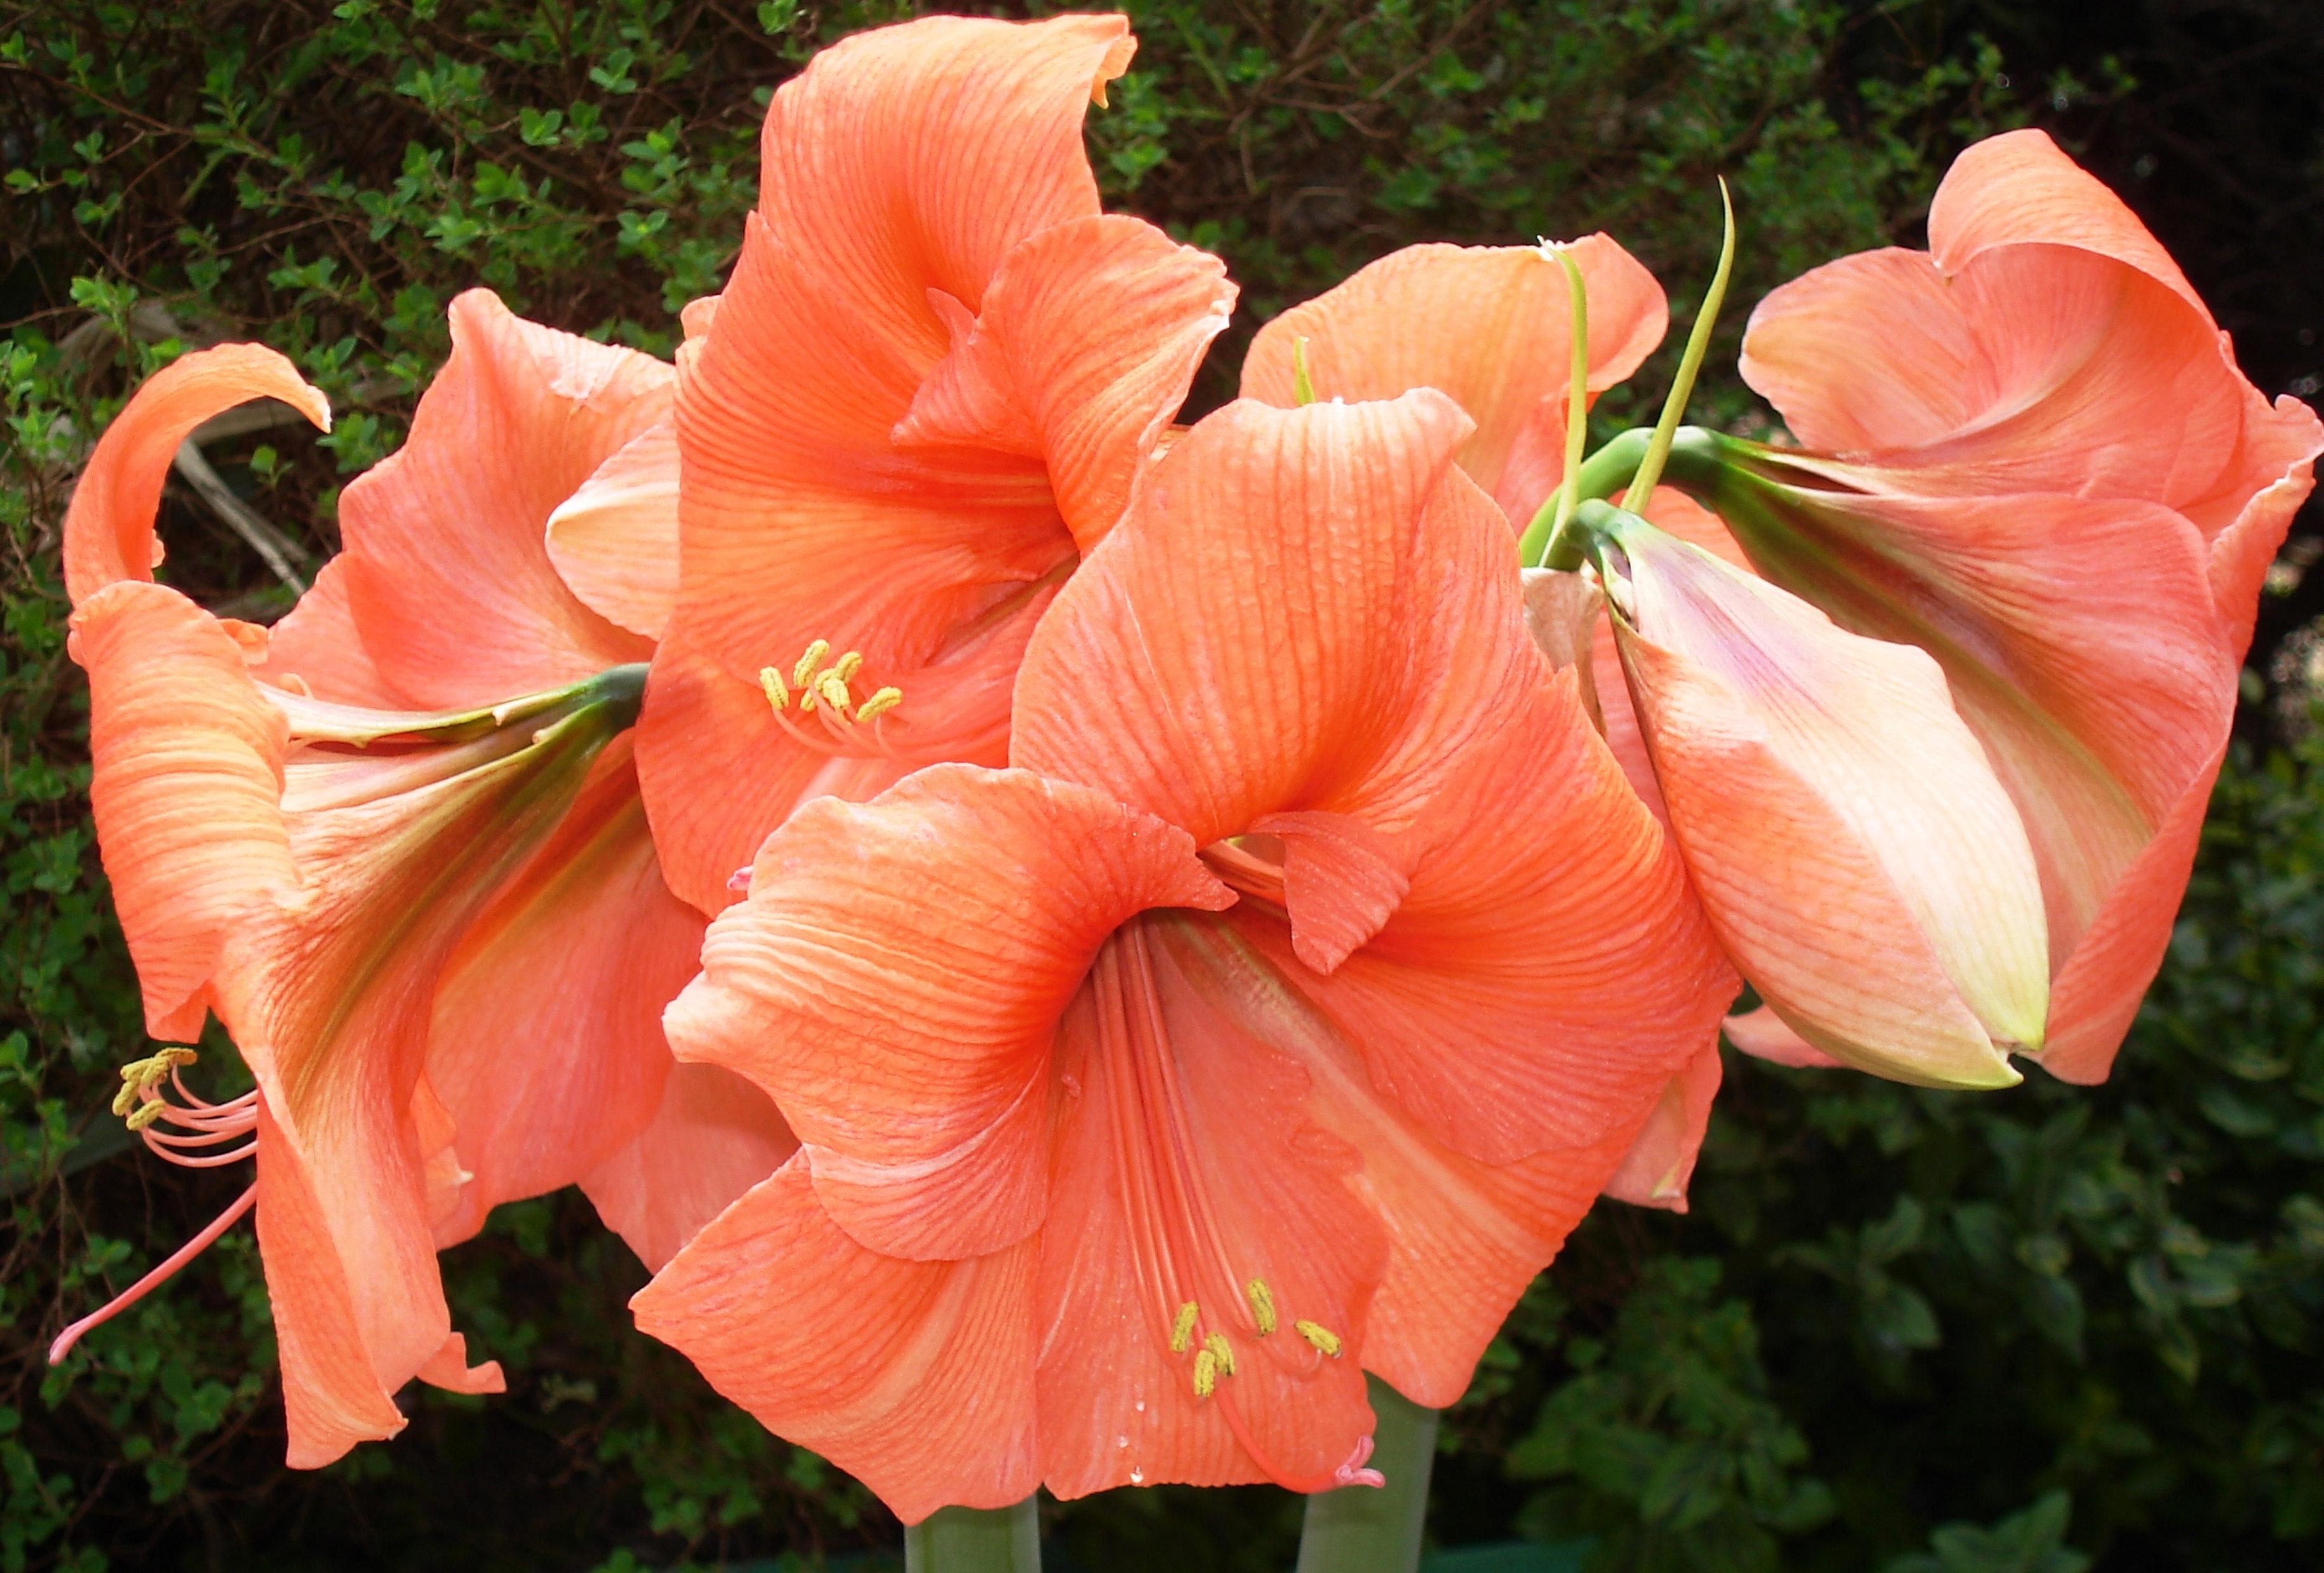 Orange pink amaryllis flowers blooming